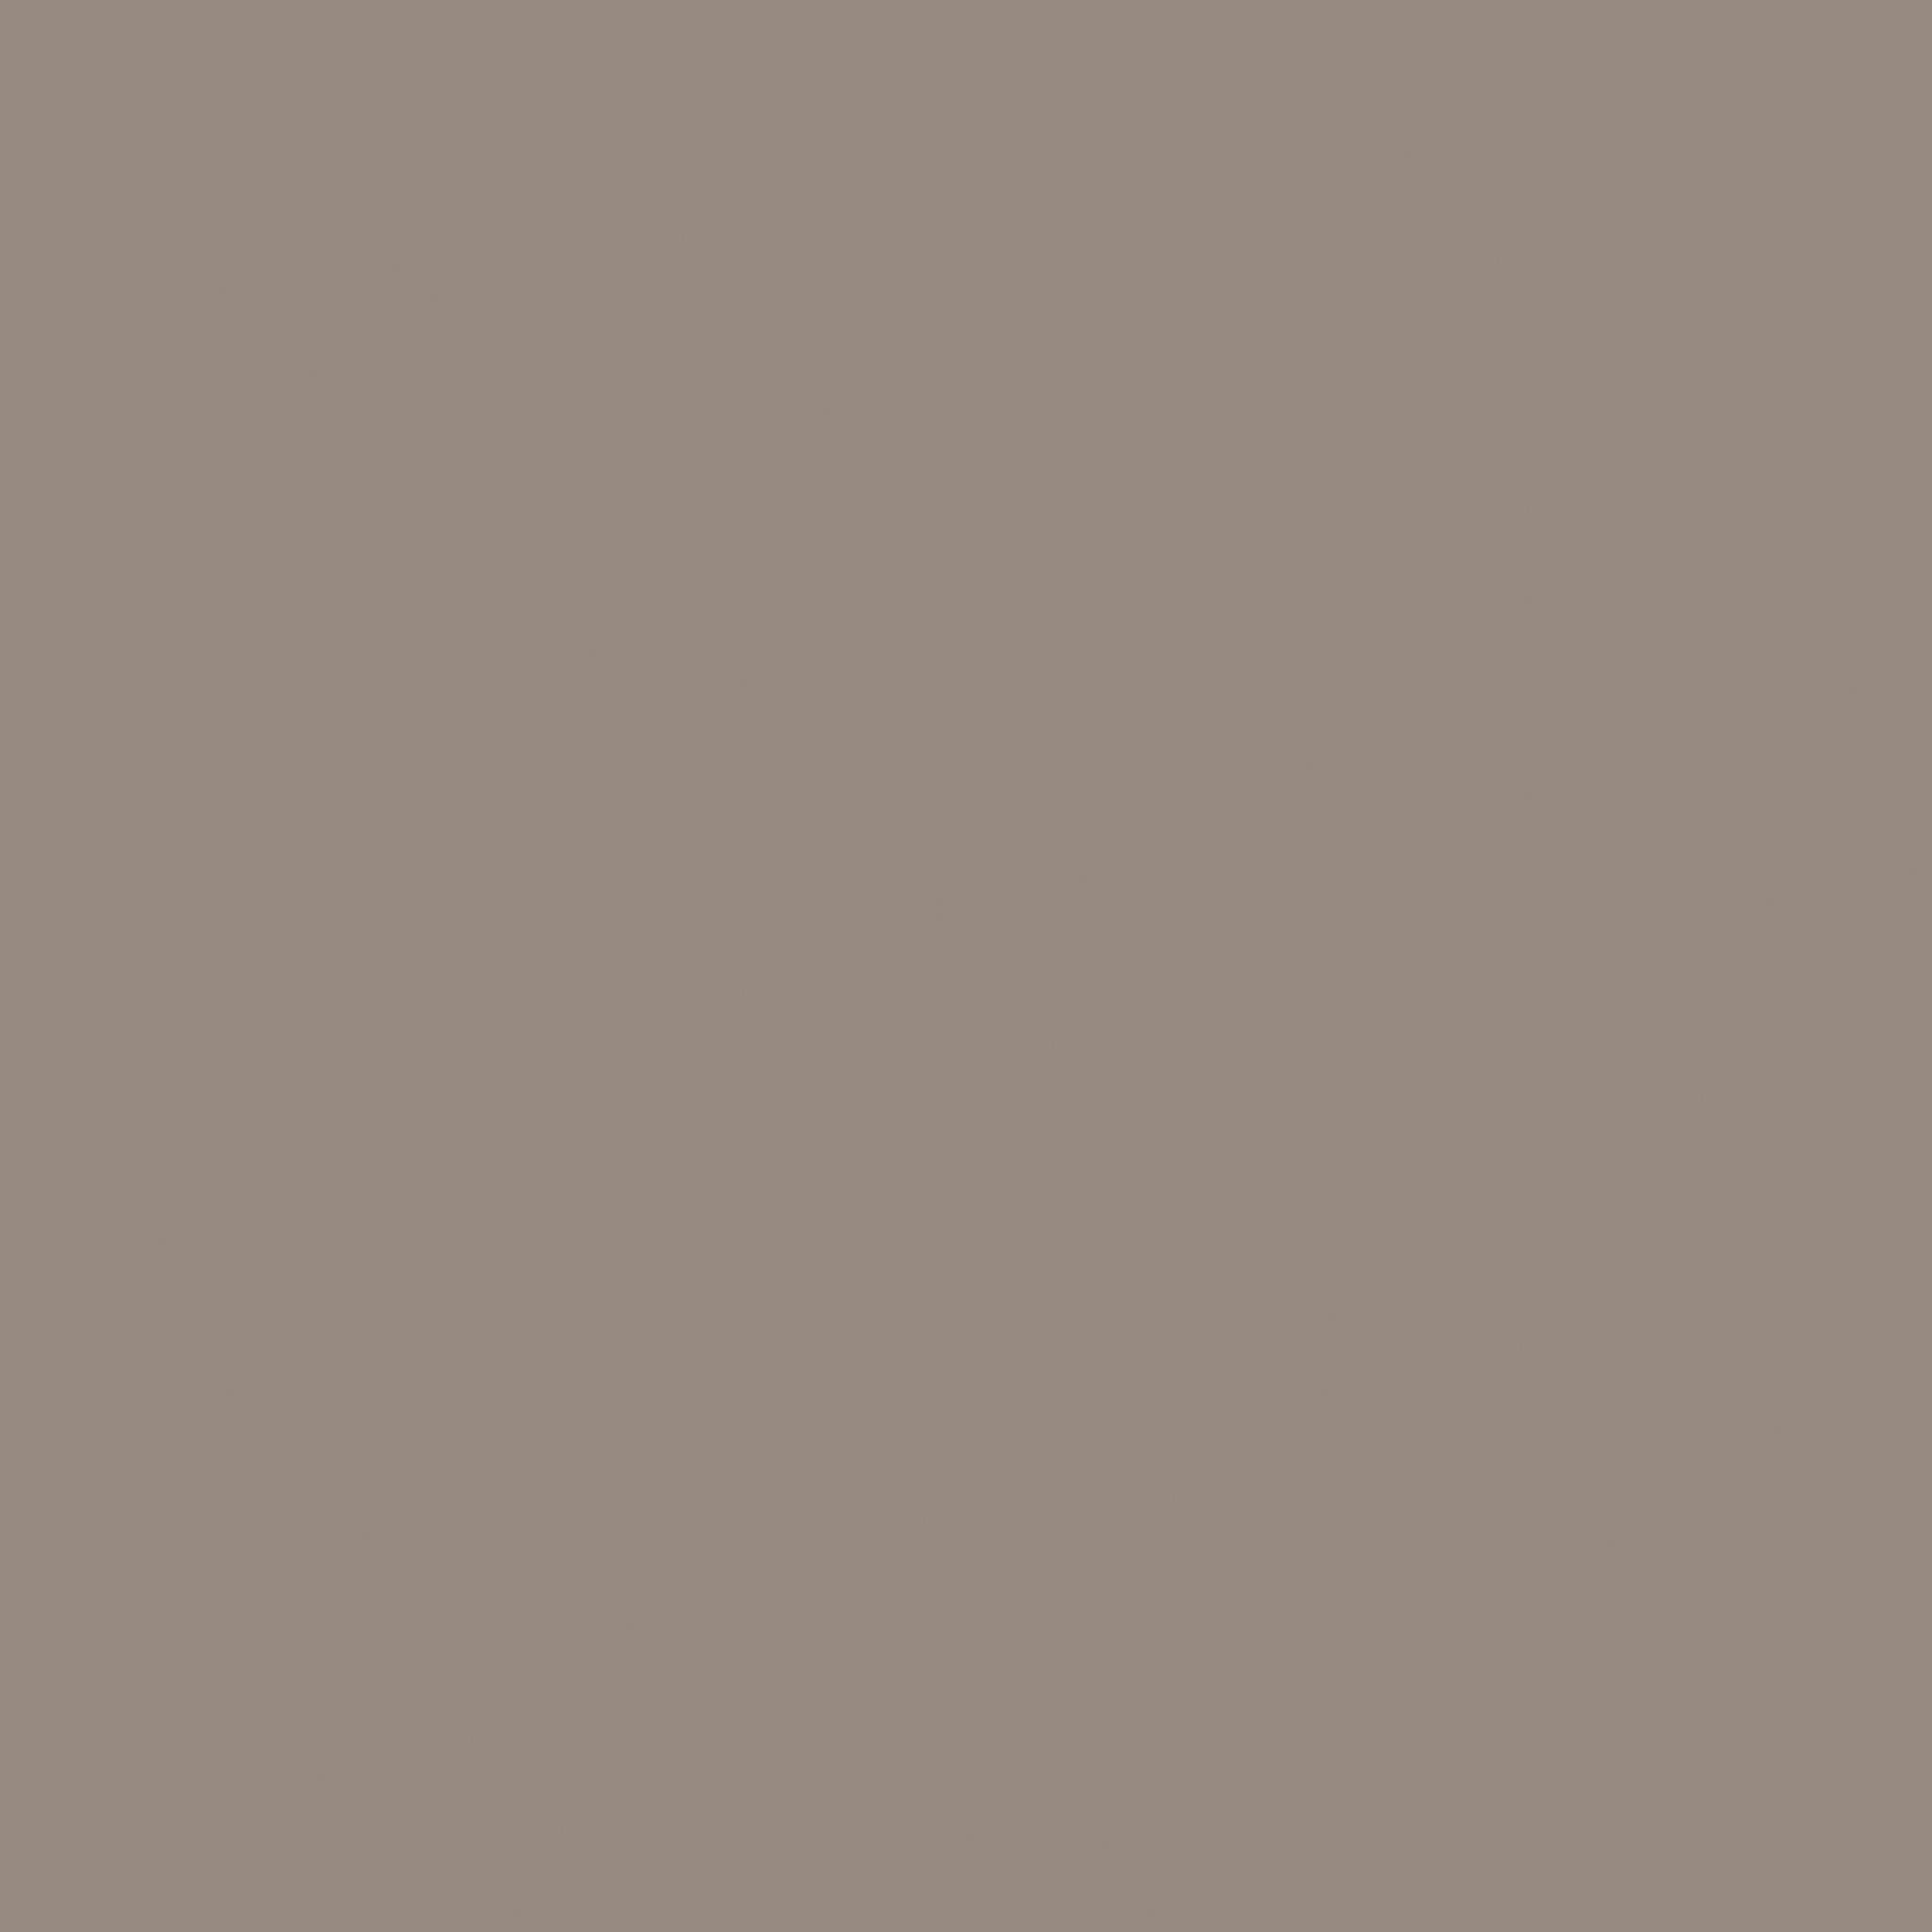 Stone Grey 1191